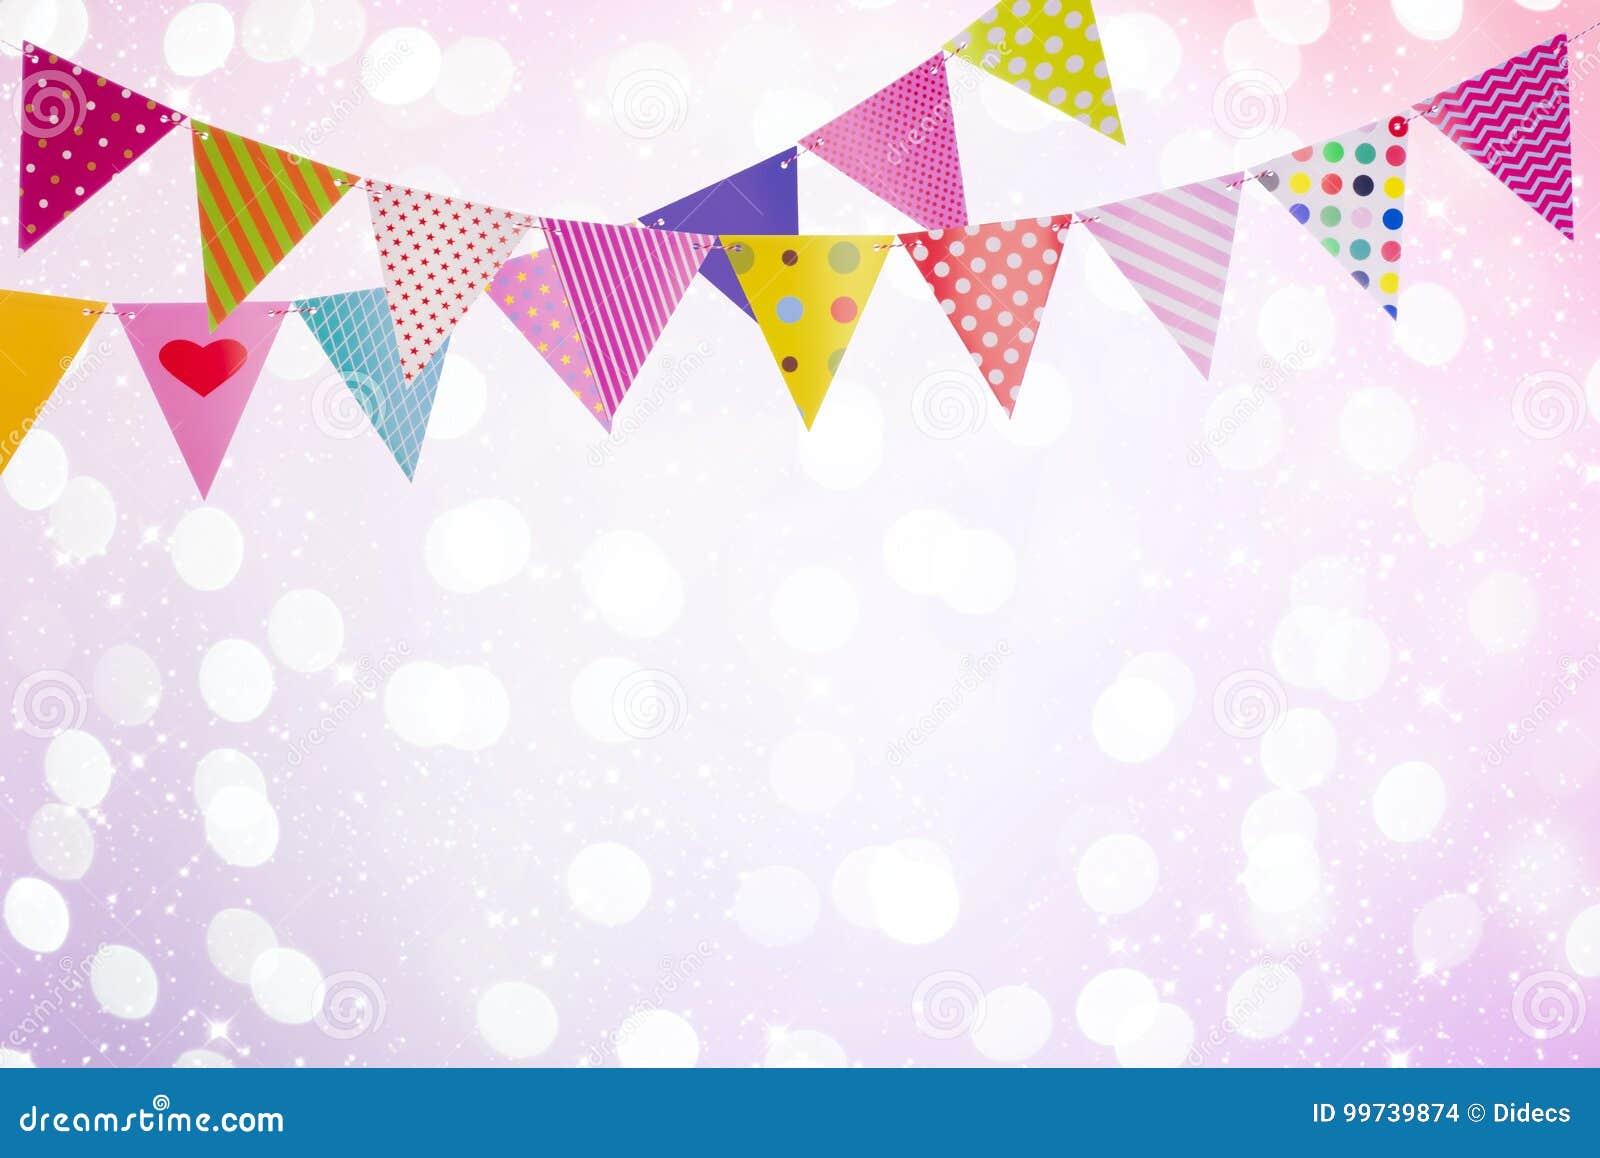 Feestelijke achtergrond met kleurrijke vlaggen over abstracte lichten en gloed